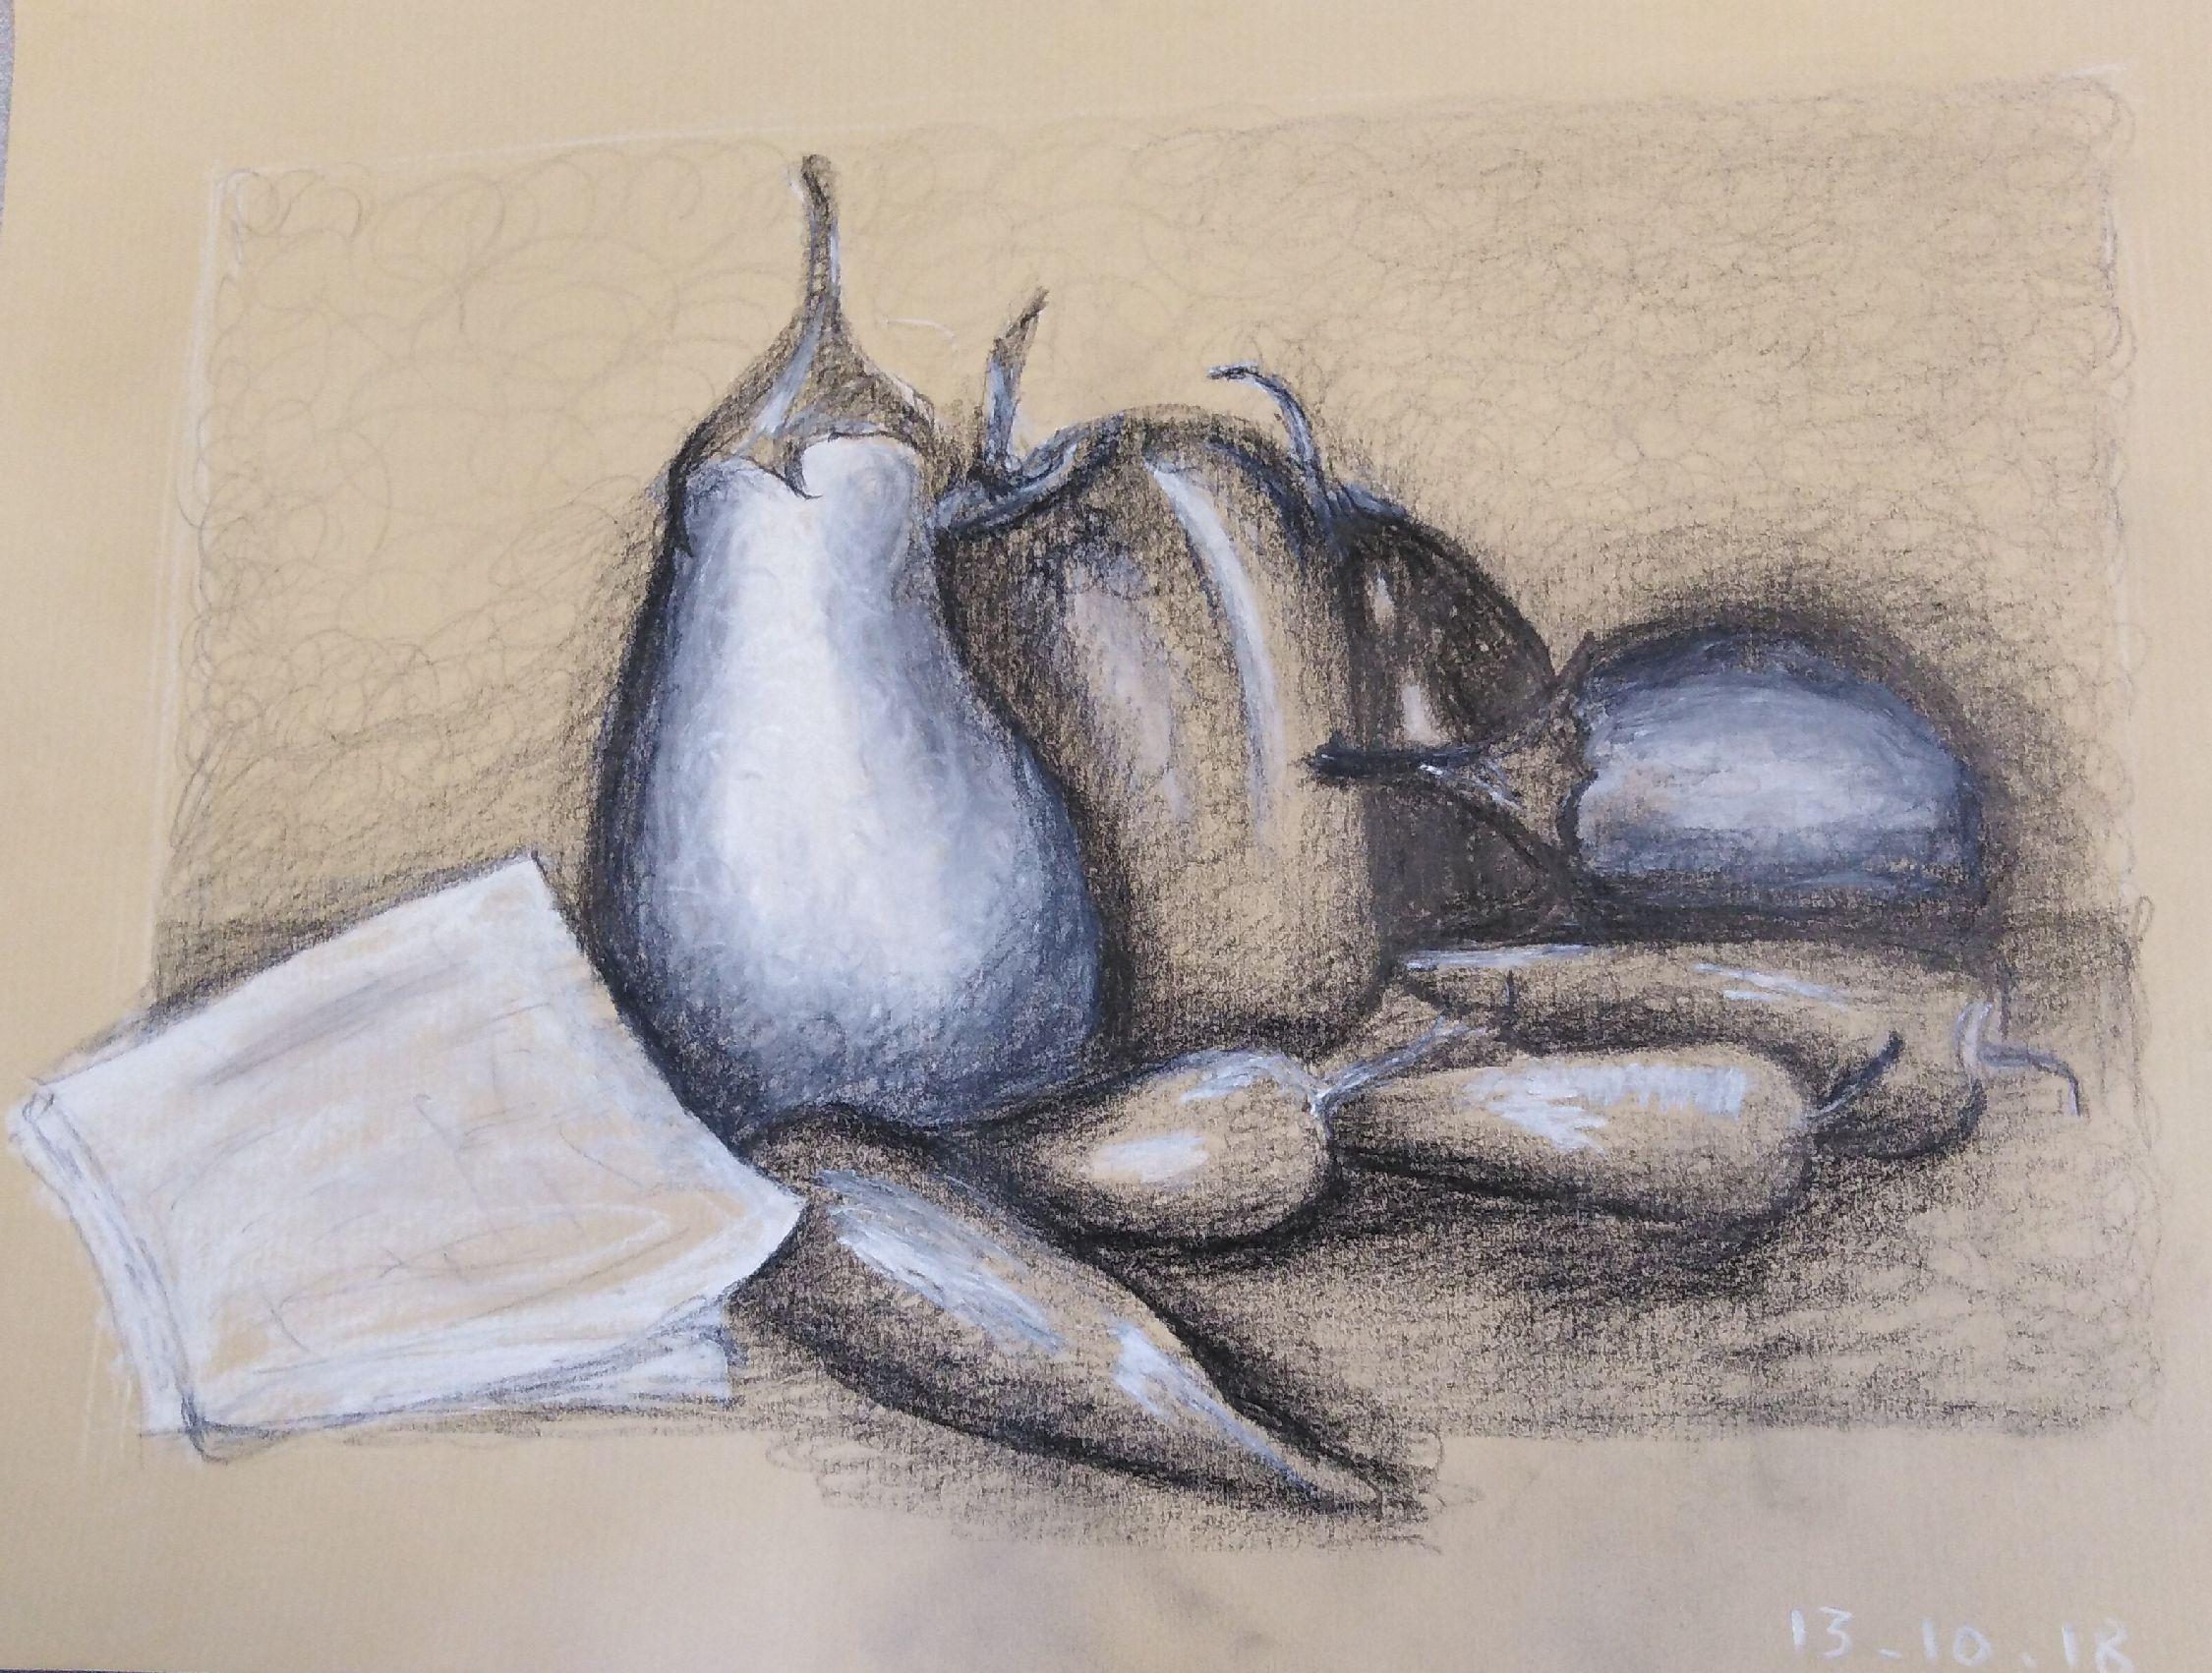 Martine derniers légumes d'été pierre noire et pastel 13-10-2018